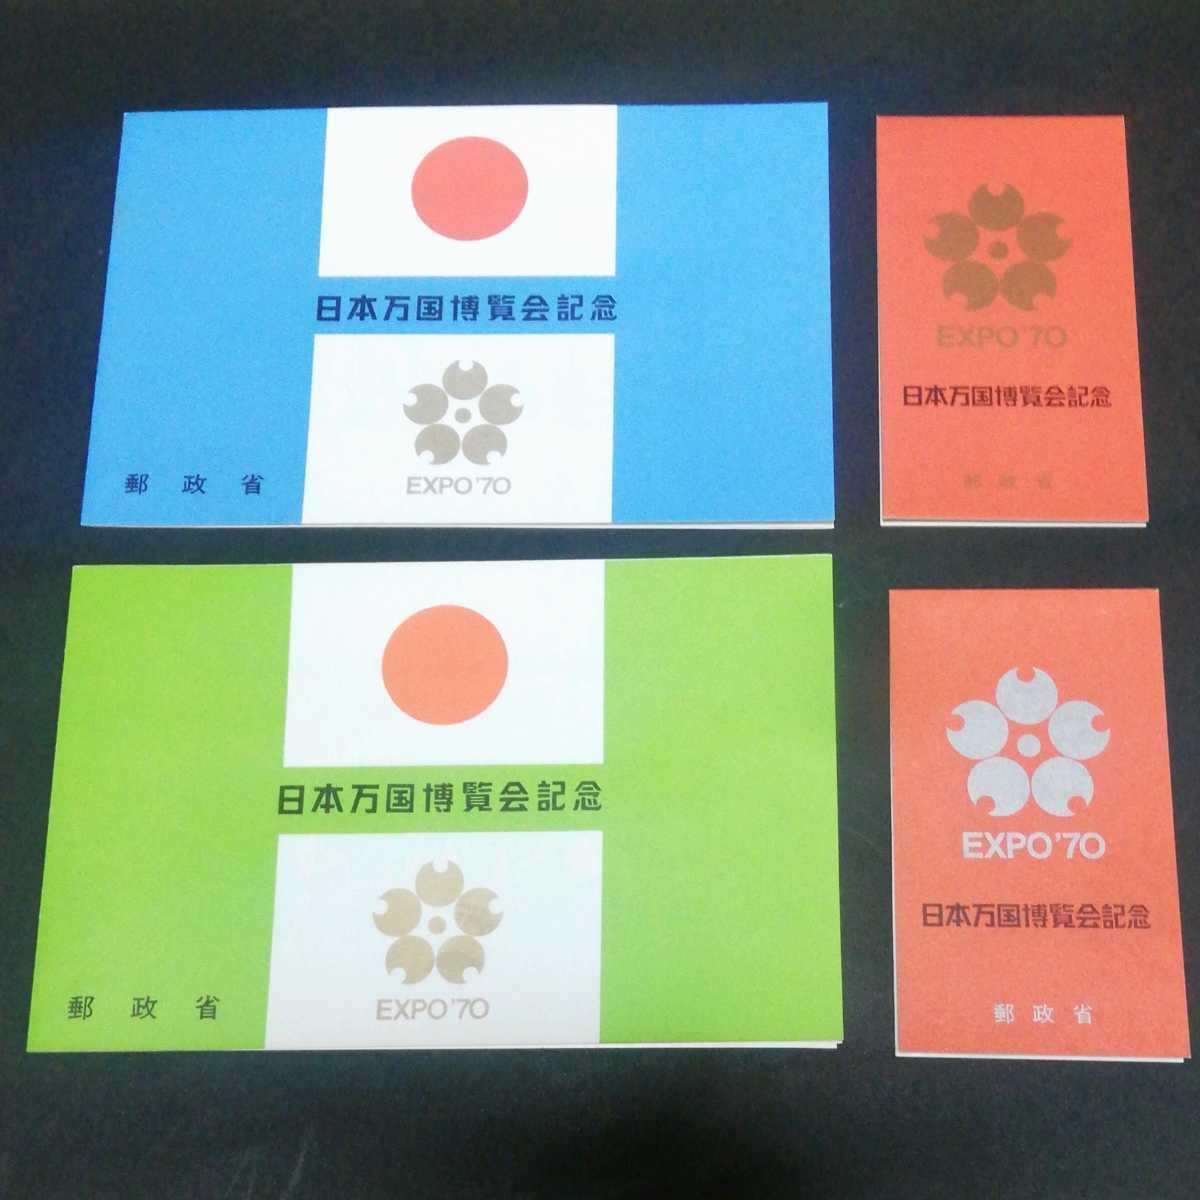 日本郵便 日本万博日本万国博覧会 記念切手 1次 2次 小型シート 未使用_画像1